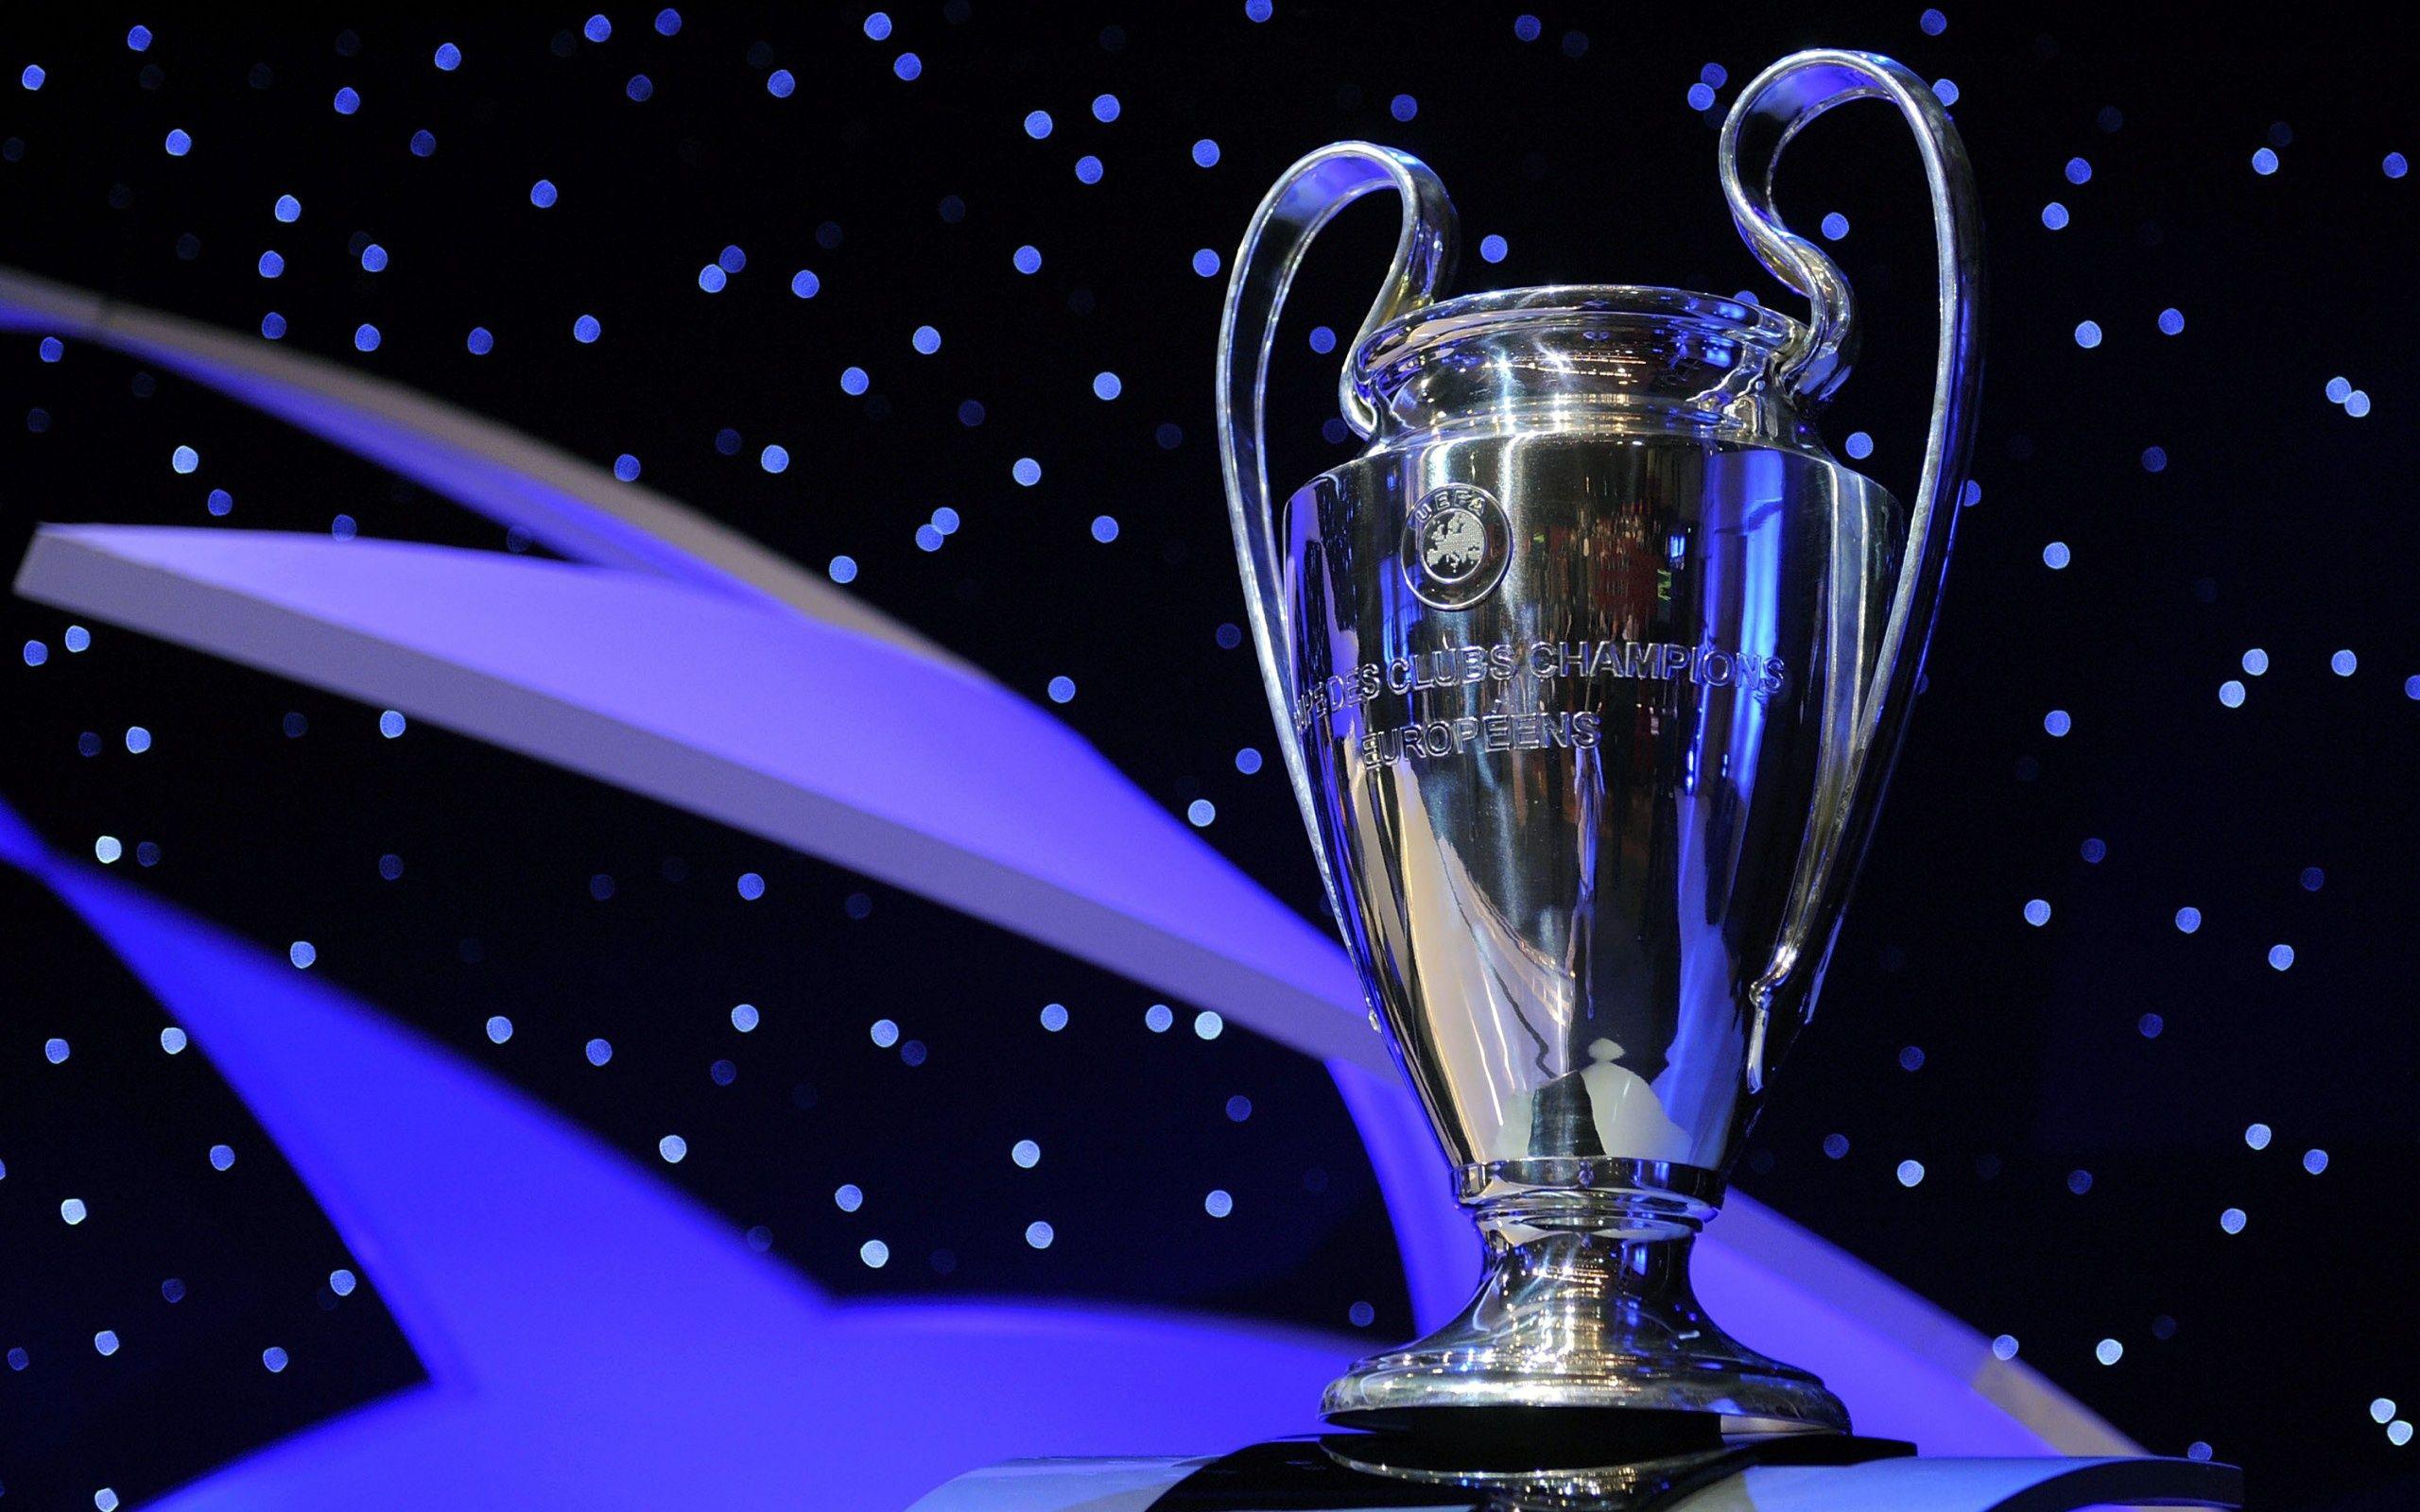 Sorteggio Champions: la Juventus trova il Barça, Napoli con il City mentre per la Roma è un girone di ferro. Il sorteggio completo…